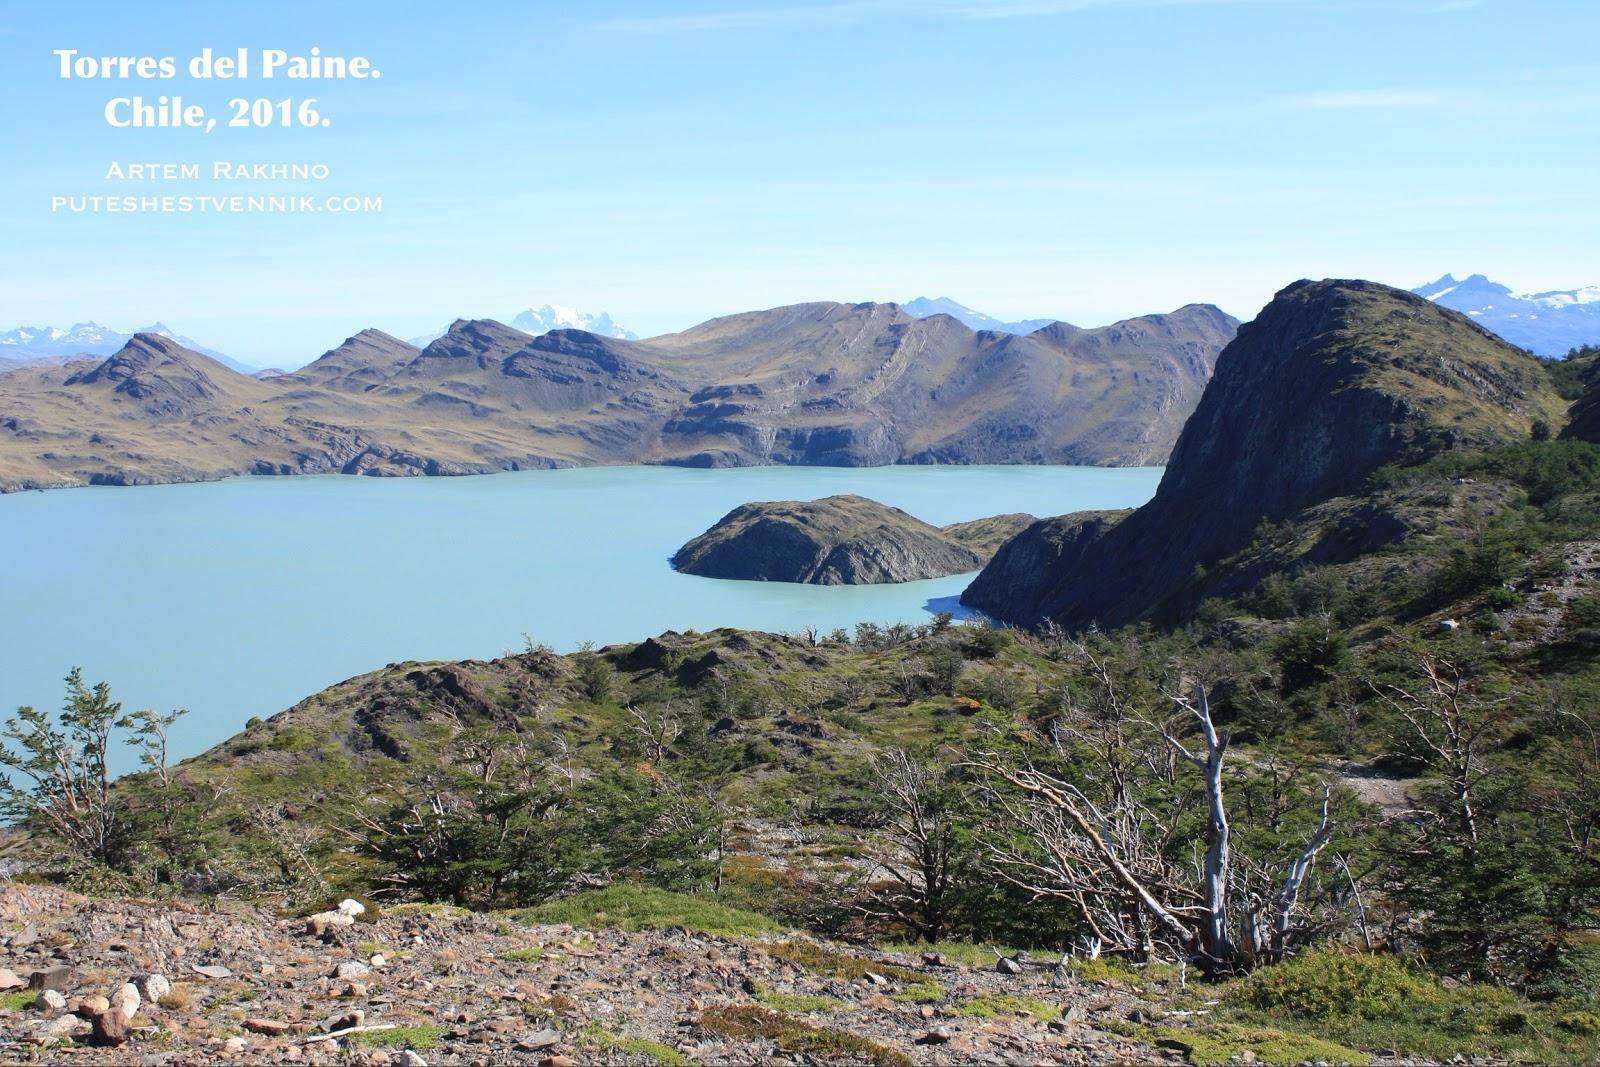 Природа национального парка Торрес-дель-Пайне